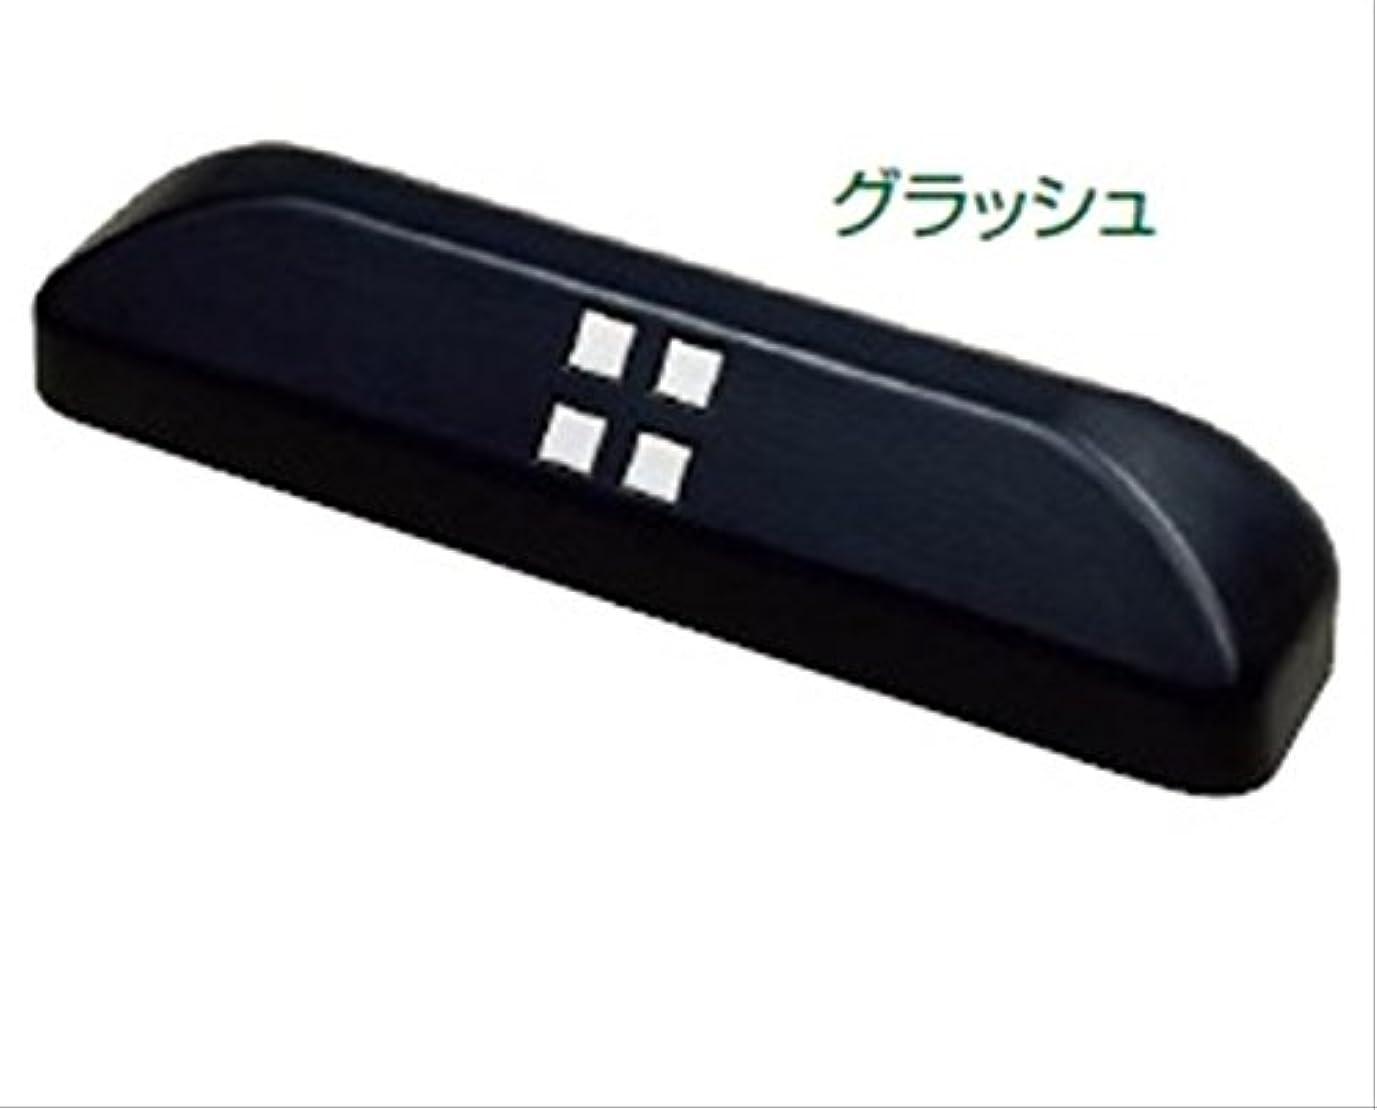 シャーロットブロンテテント野心TOYO(トーヨー)東洋工業 Dexパーキングブロック グラッシュ